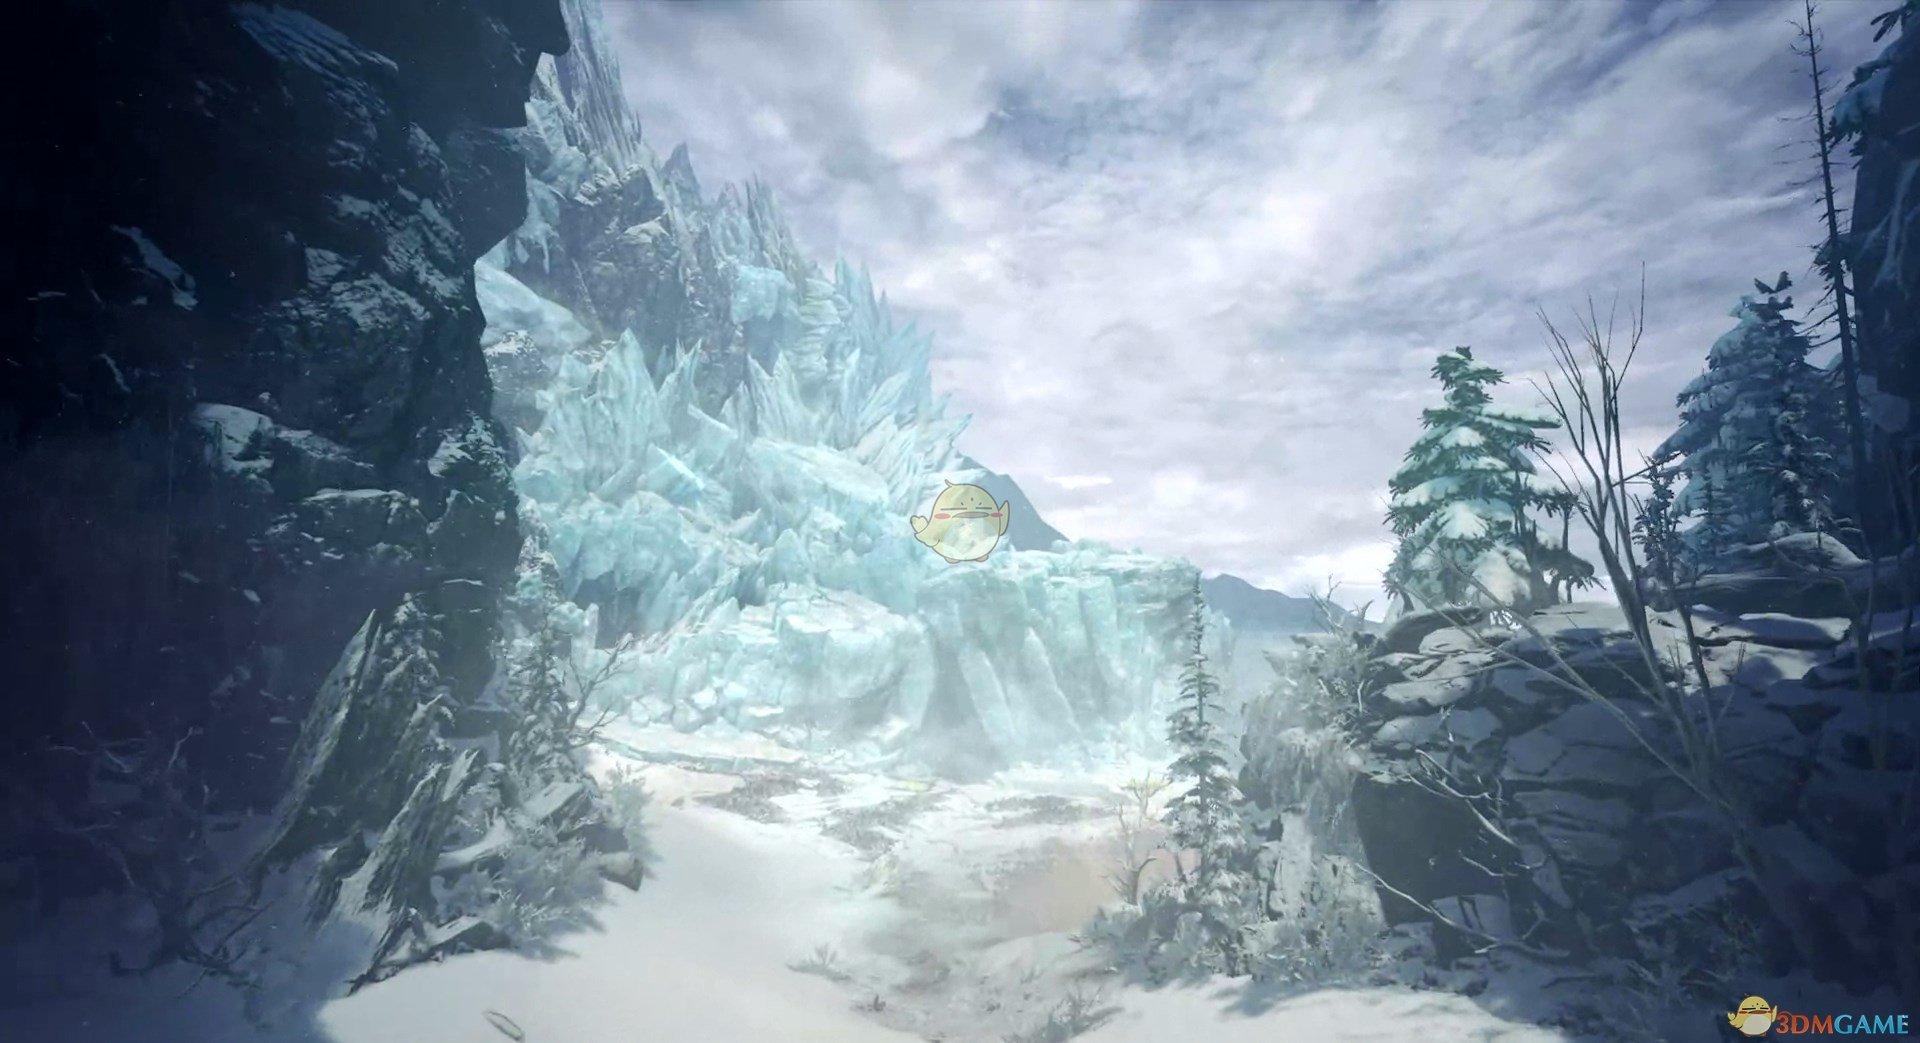 《怪物猎人:世界》冰原DLC轻弩新增反击龙弹介绍